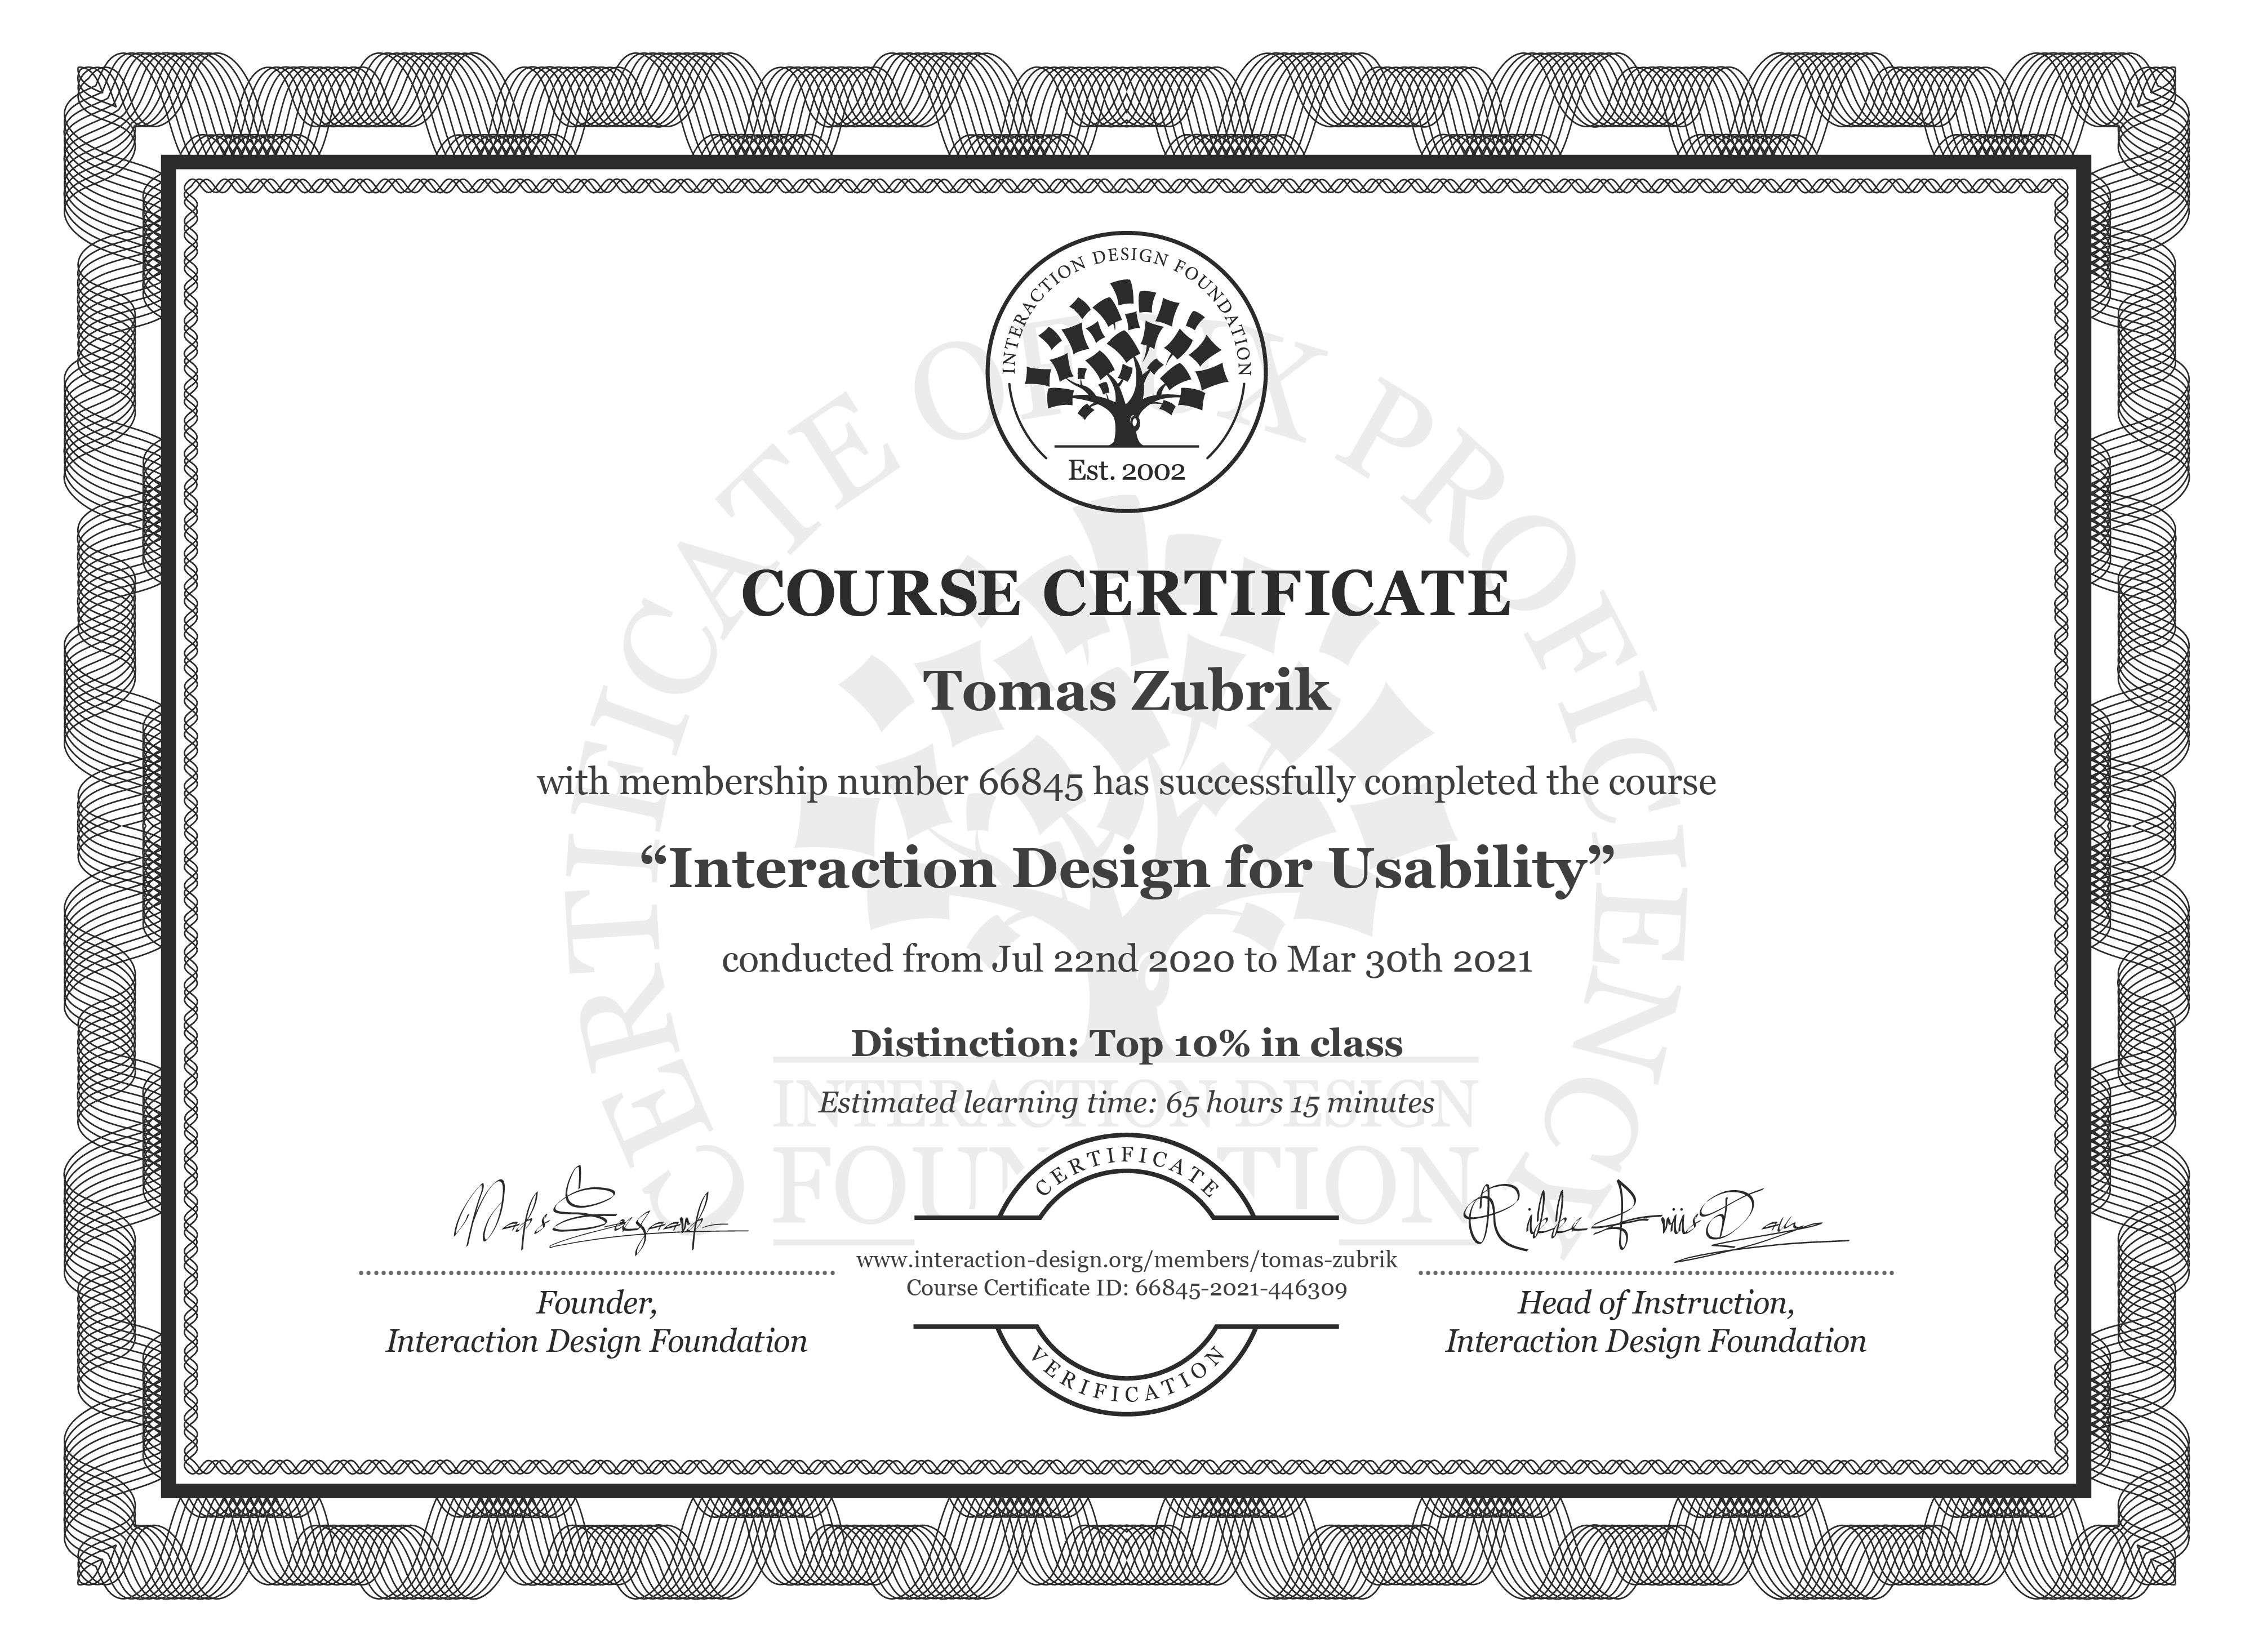 Tomáš Zúbrik's Course Certificate: Interaction Design for Usability